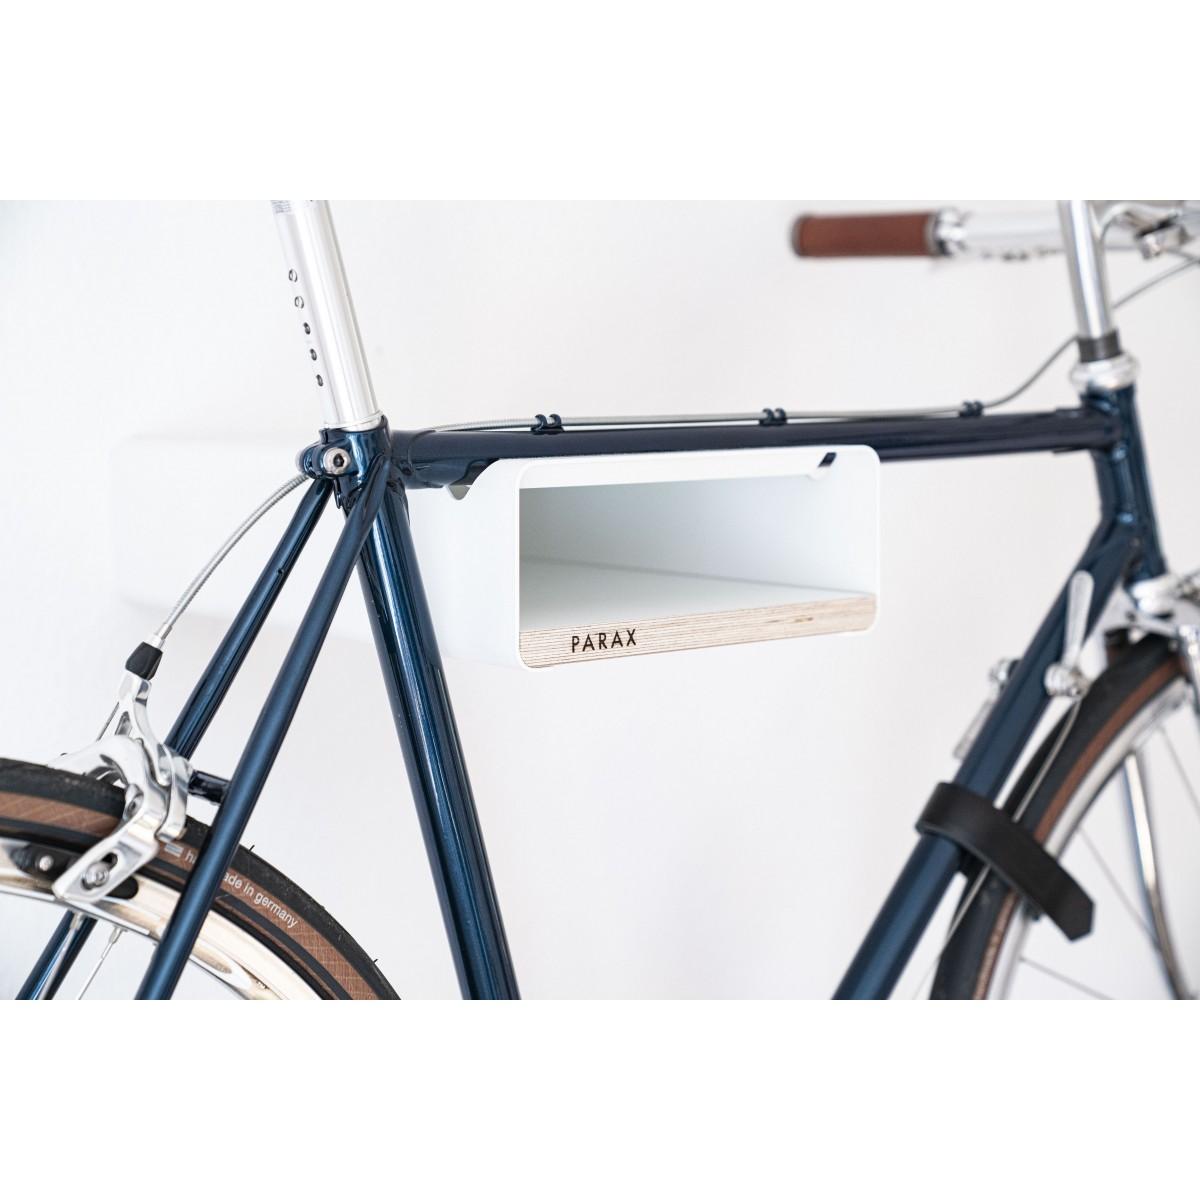 Design Fahrrad-Wandhalterung   PARAX® S-RACK   Weiß mit Holz Weiß   für Rennrad, Hardtail & Cityrad